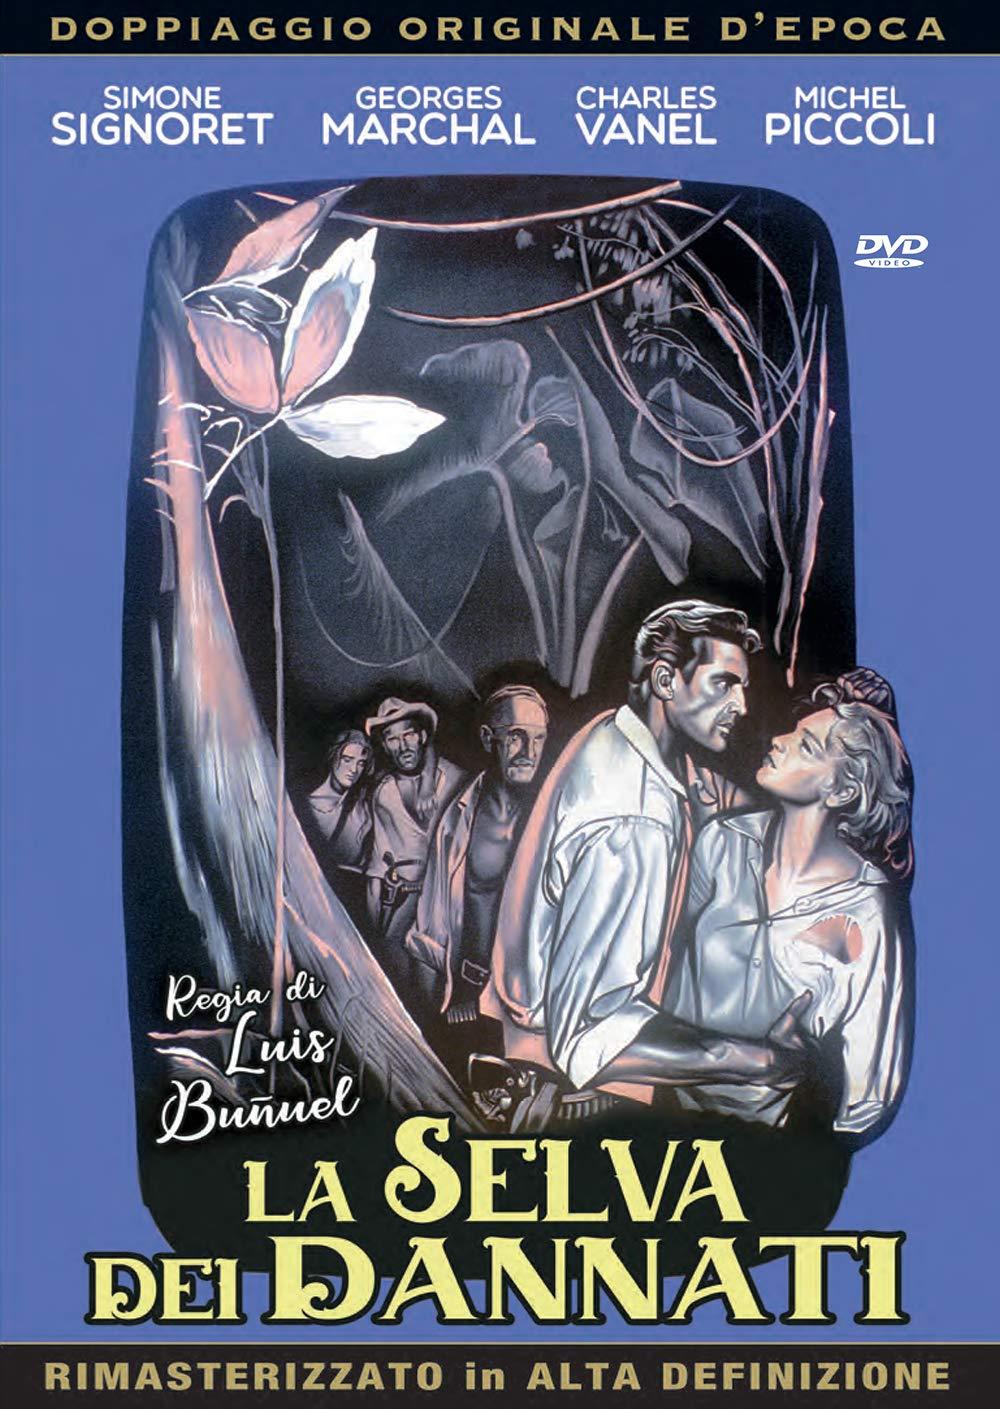 LA SELVA DEI DANNATI (DVD)